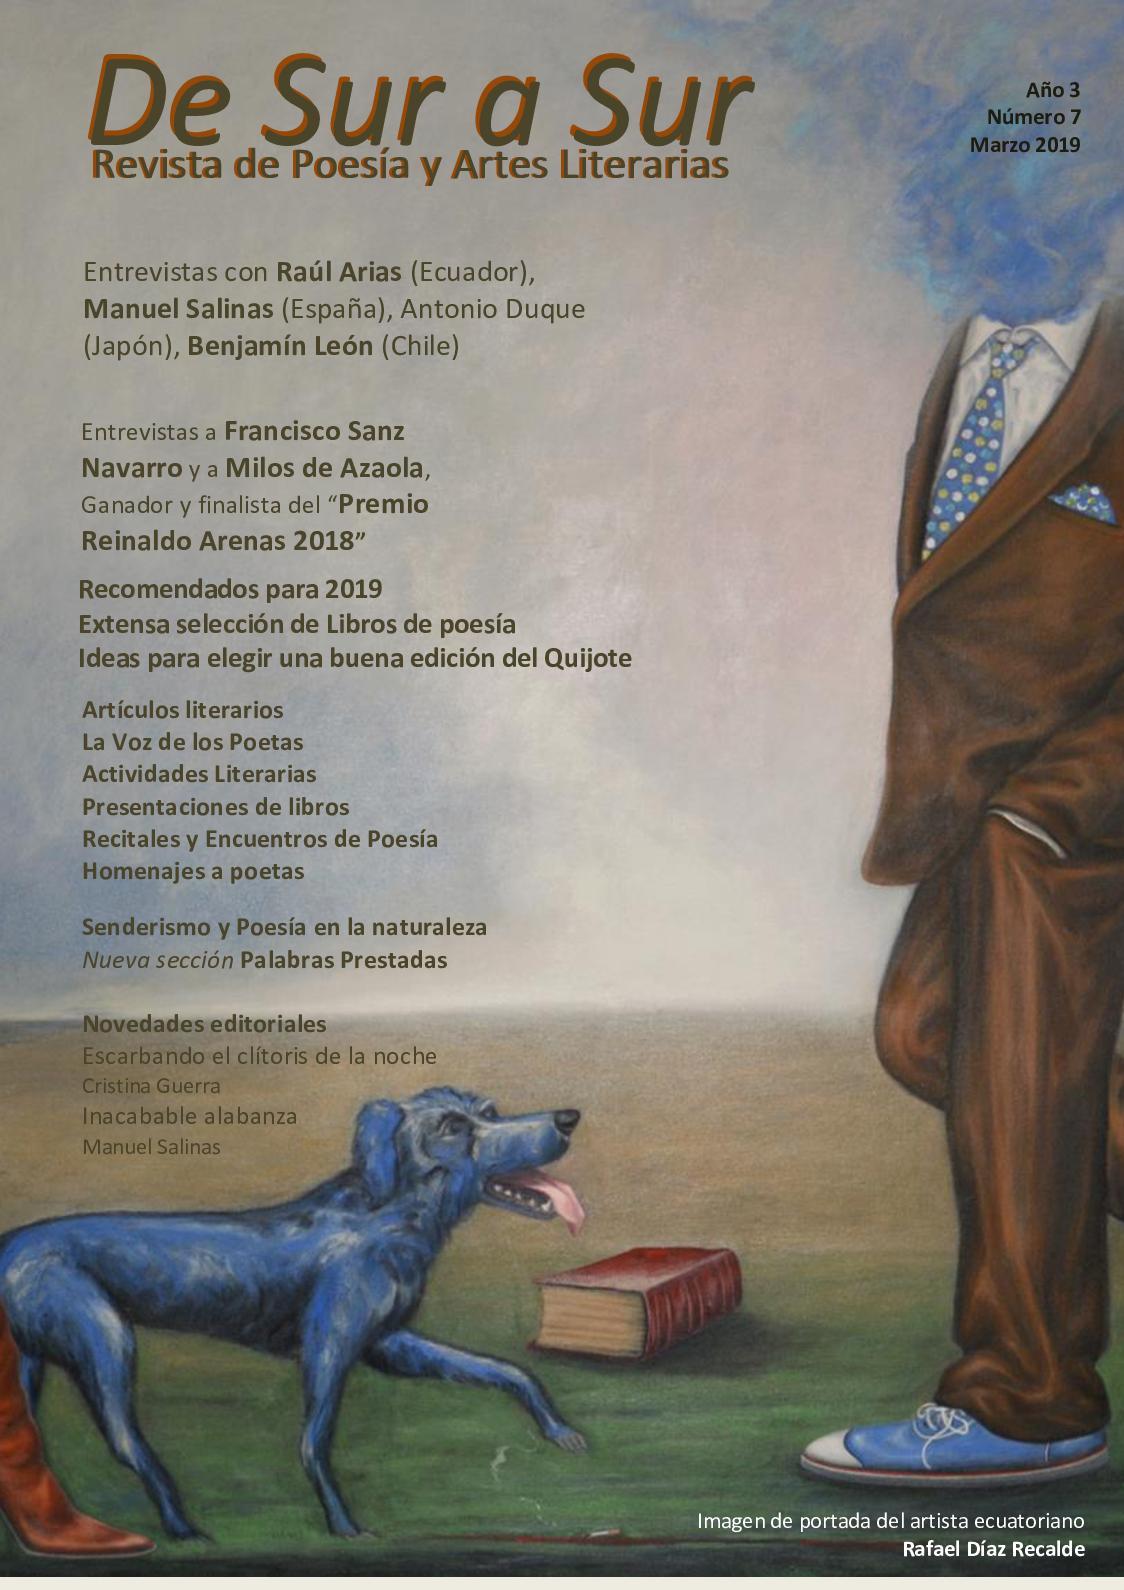 d28f246eb6dd Calaméo - Revista De Poesía De Sur A Sur · 7 Marzo 2019